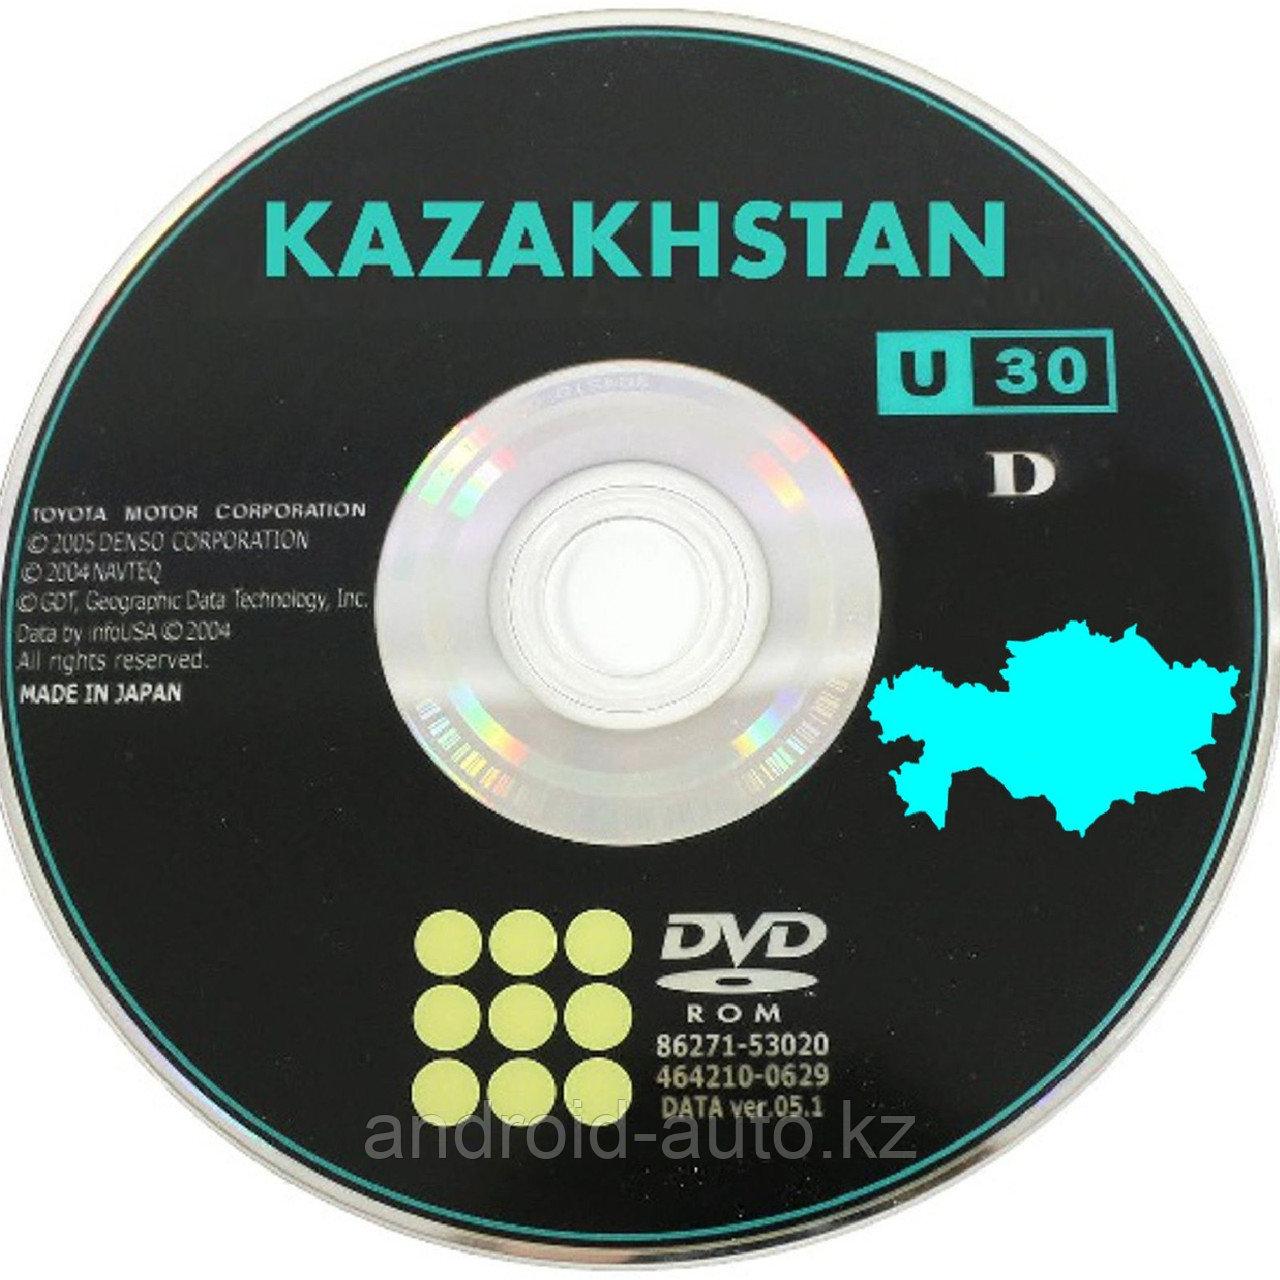 Карты Казахстан для LEXUS SC430 2004-2008 - (DENSO)